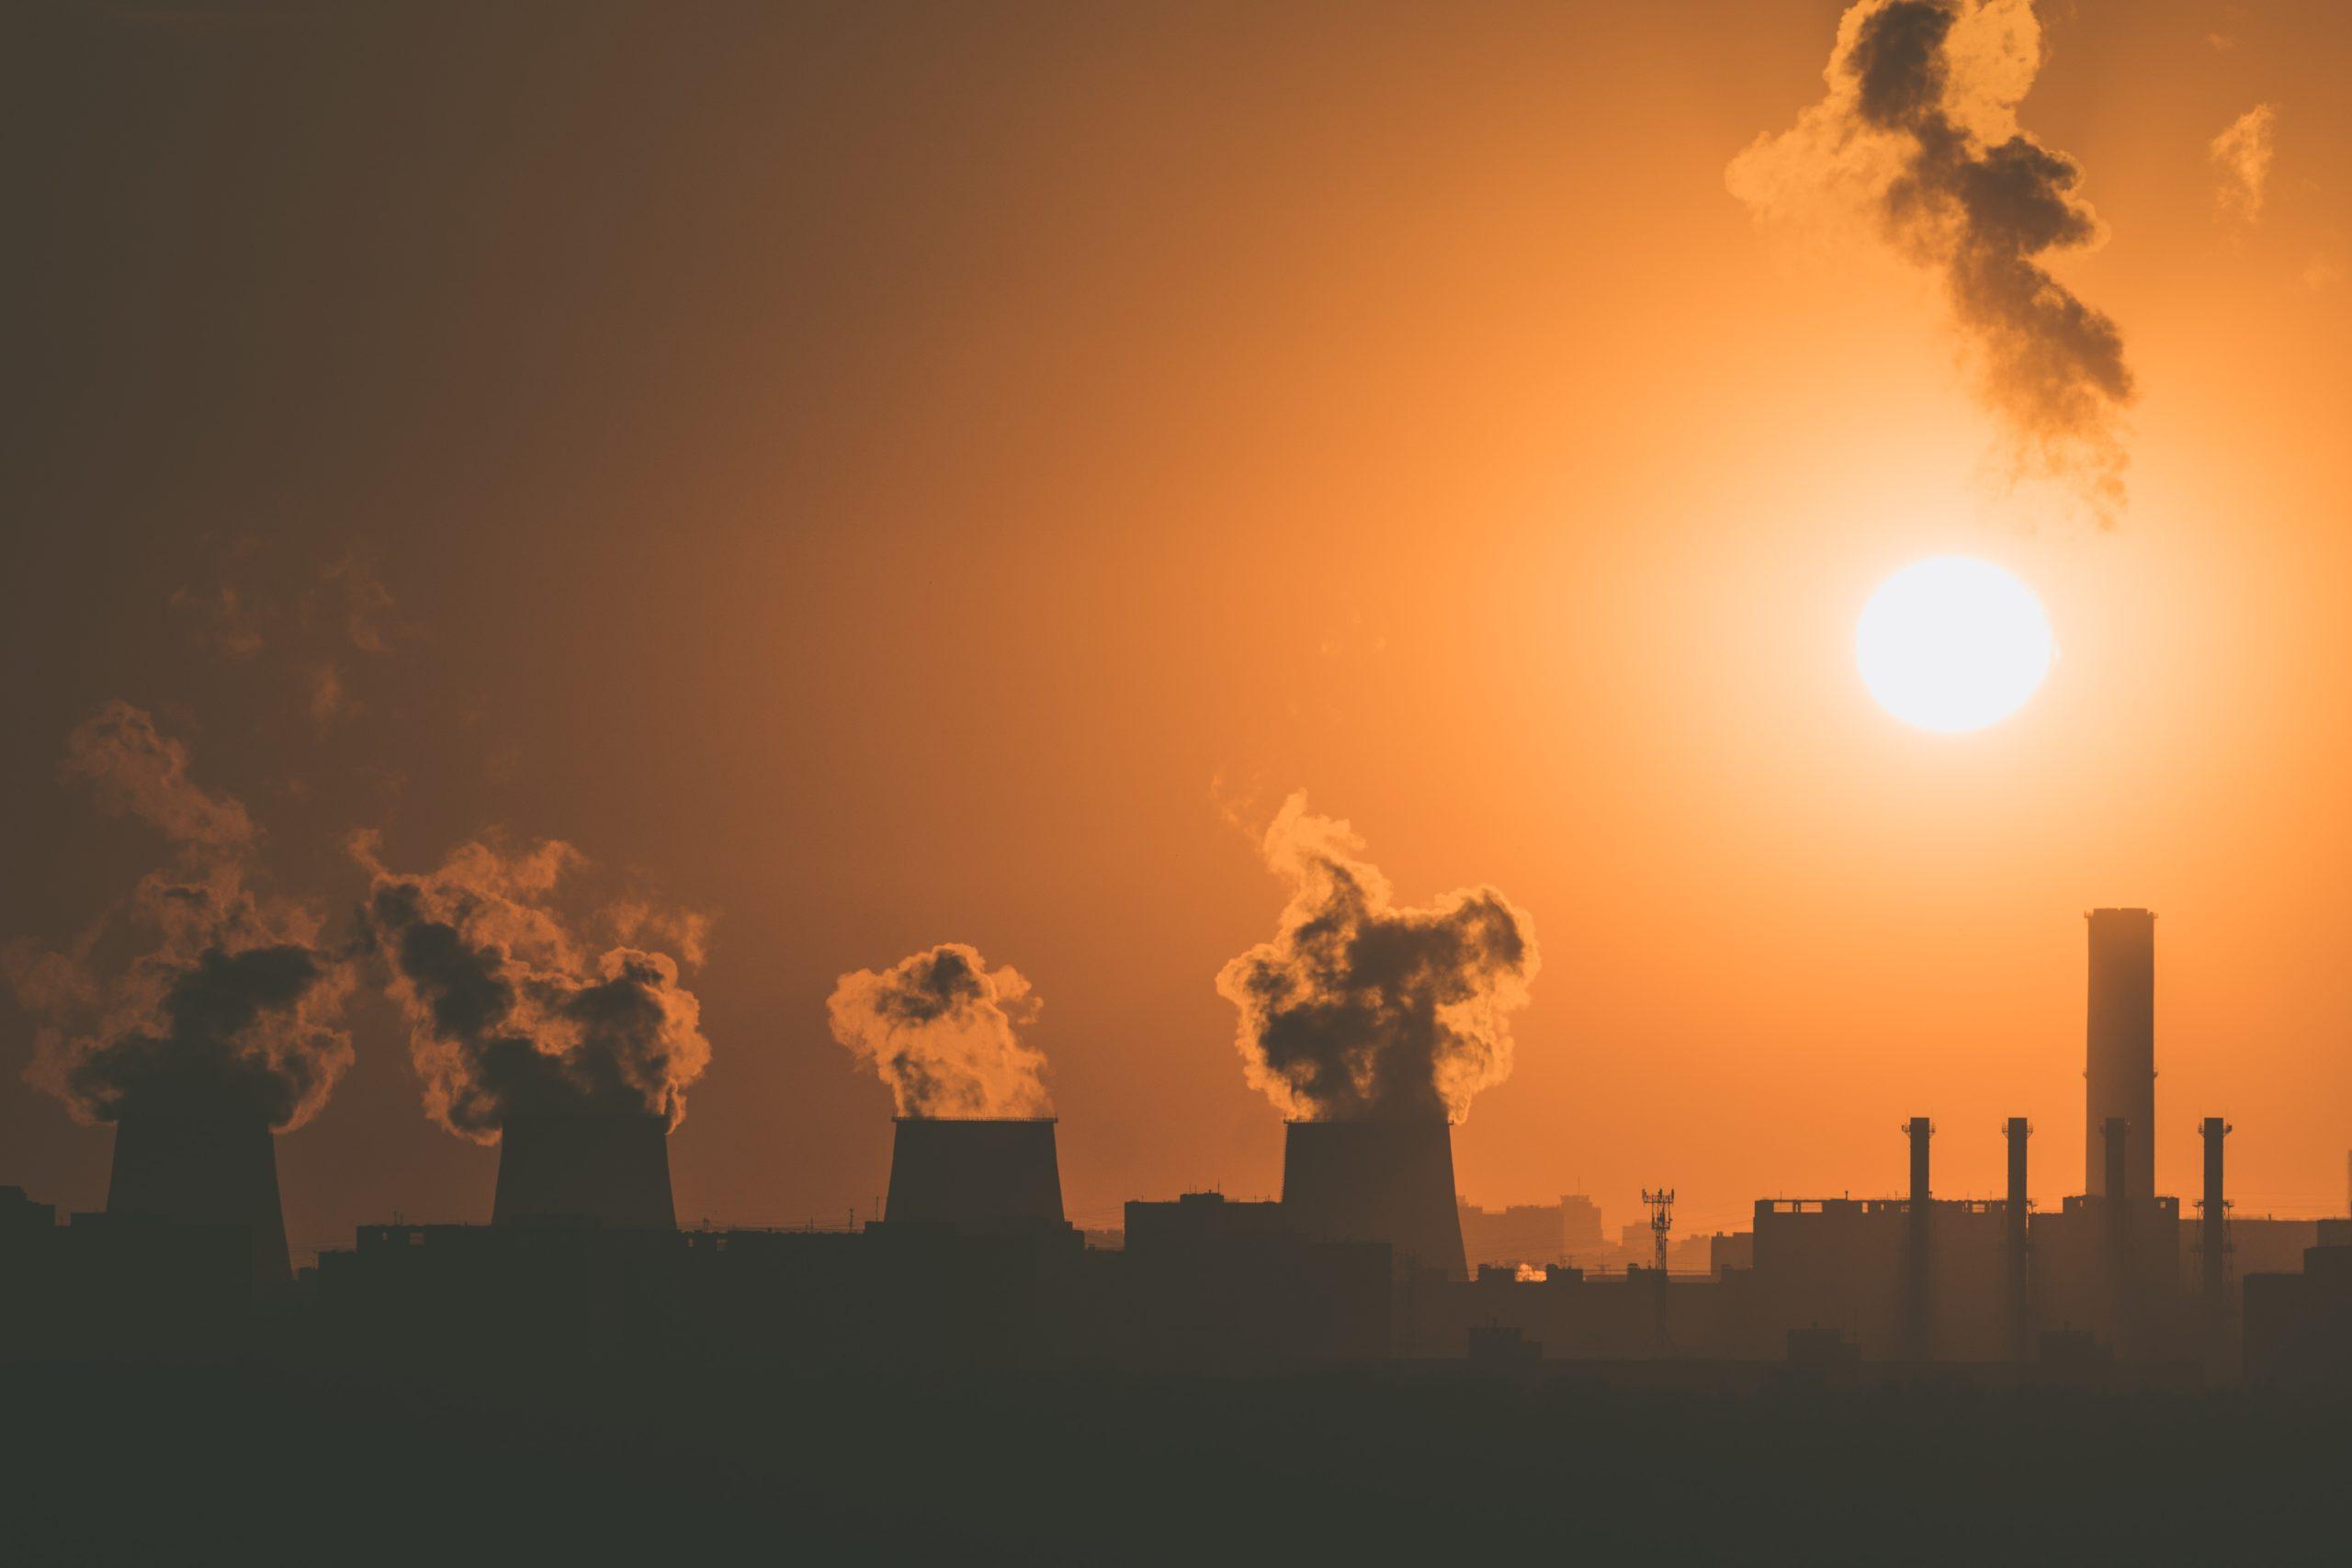 Klimatfrågan illustrerar en oförmögen regerings oförmåga att ta itu med svåra problem